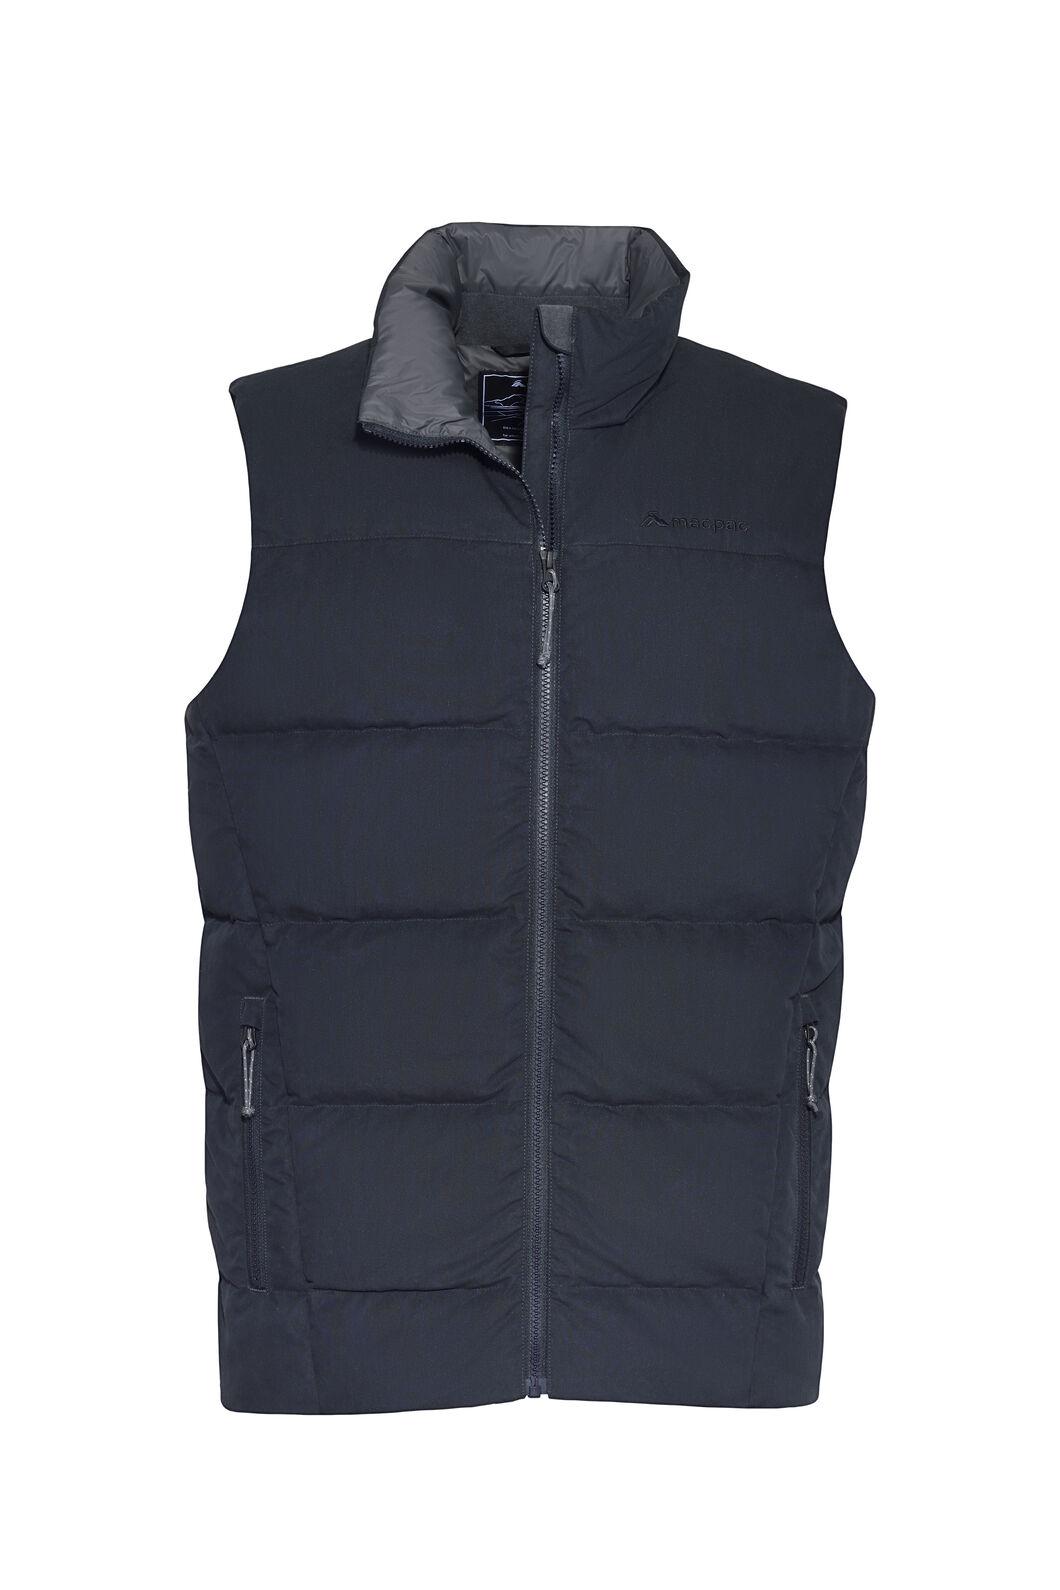 Macpac Fusion Down Vest — Men's, Carbon, hi-res